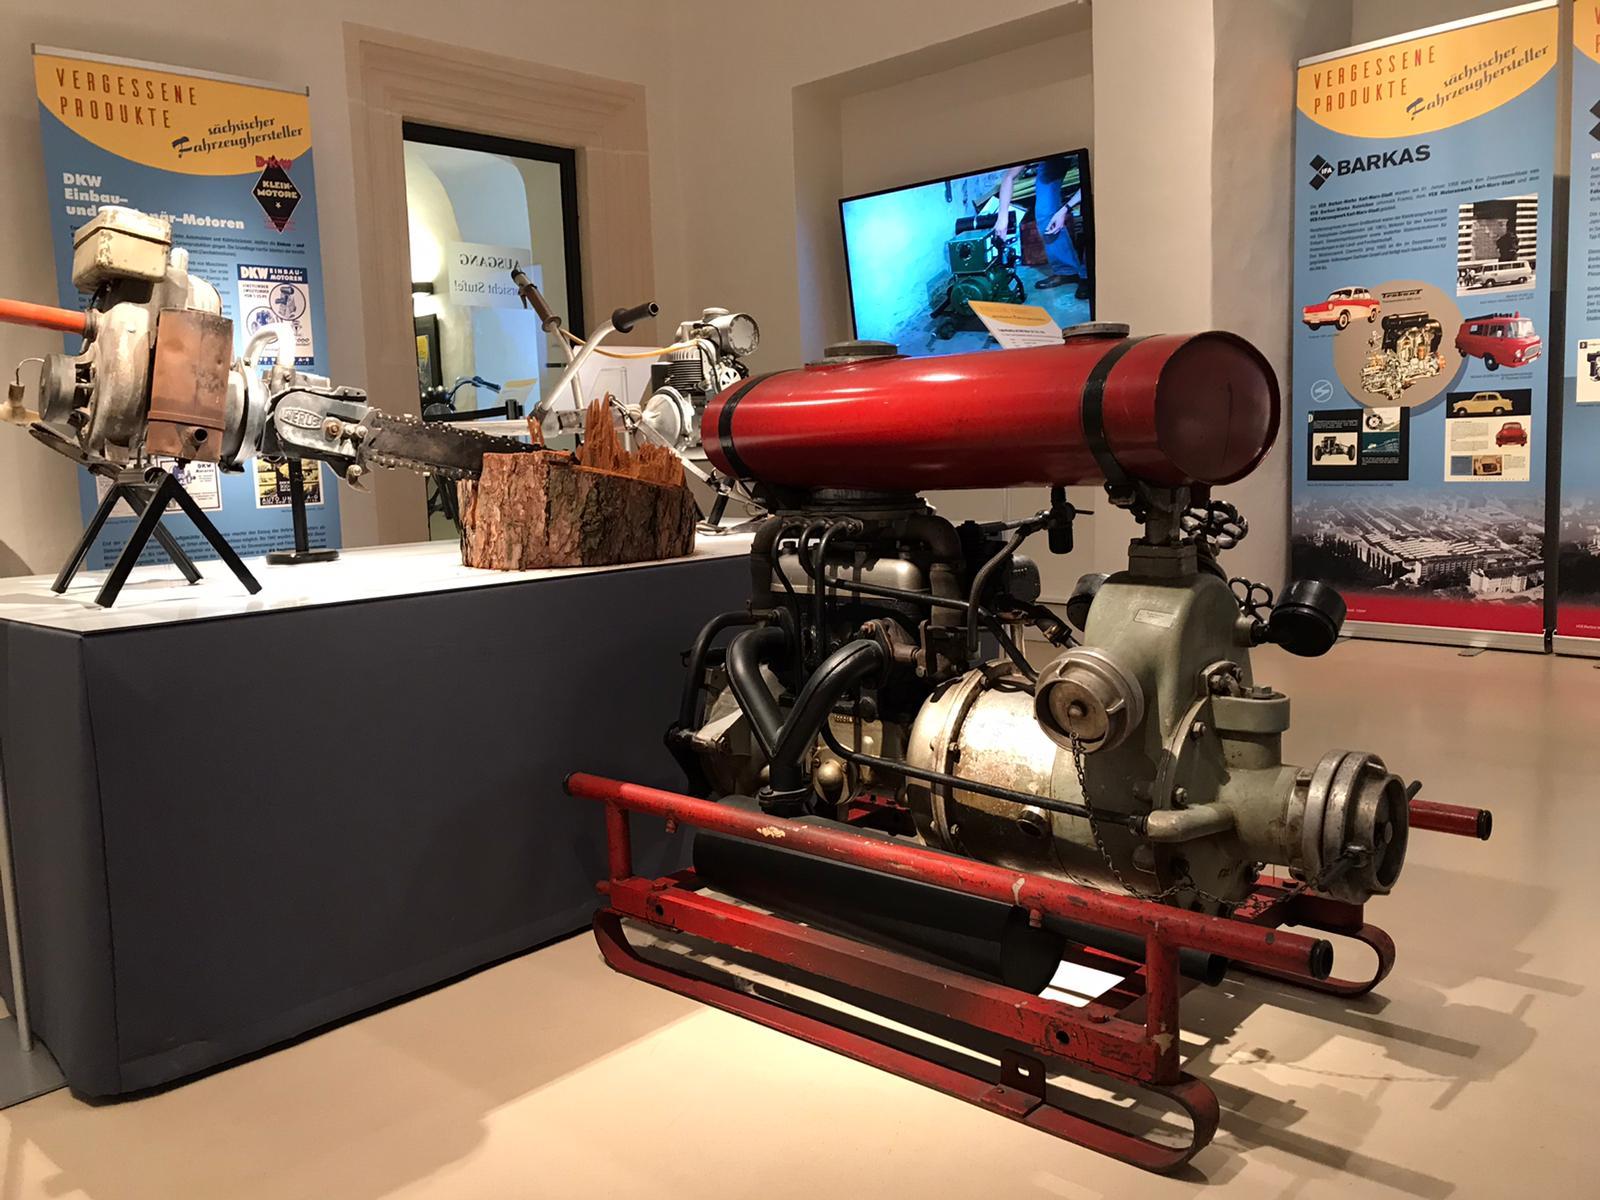 """Tragkraftspritze mit DKW-Motor in der Ausstellung """"Vergessene Produkte sächsischer Fahrzeughersteller"""""""